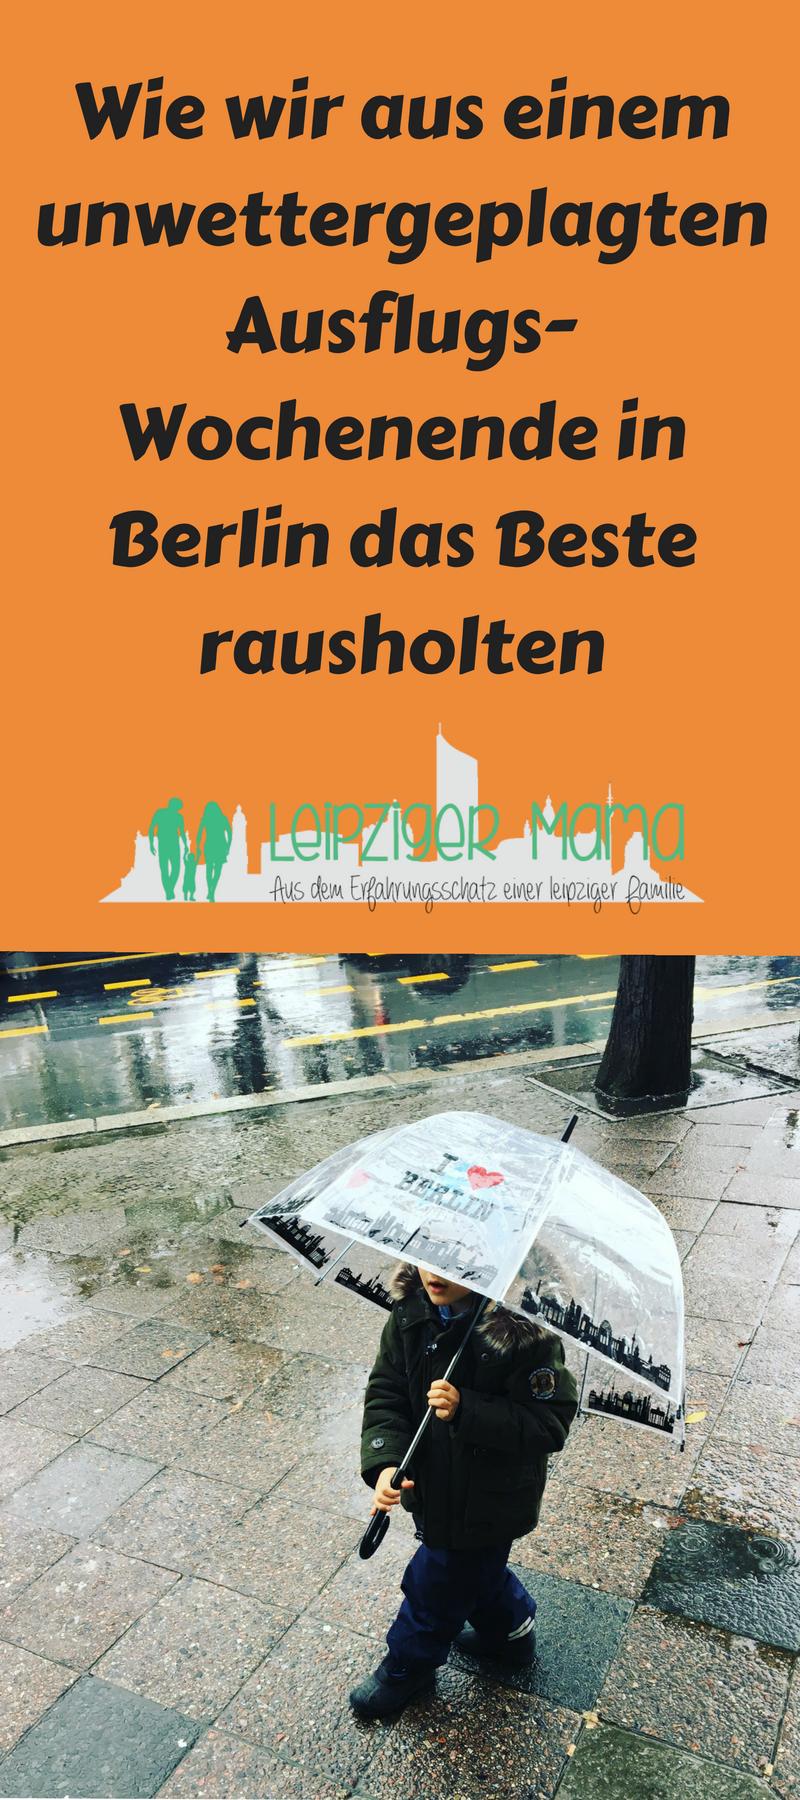 Wie Wir Aus Einem Unwettergeplagten Ausflugs Wochenende In Berlin Das Beste Rausholten Wochenende In Berlin Ausflug Und Nach Hause Fahren